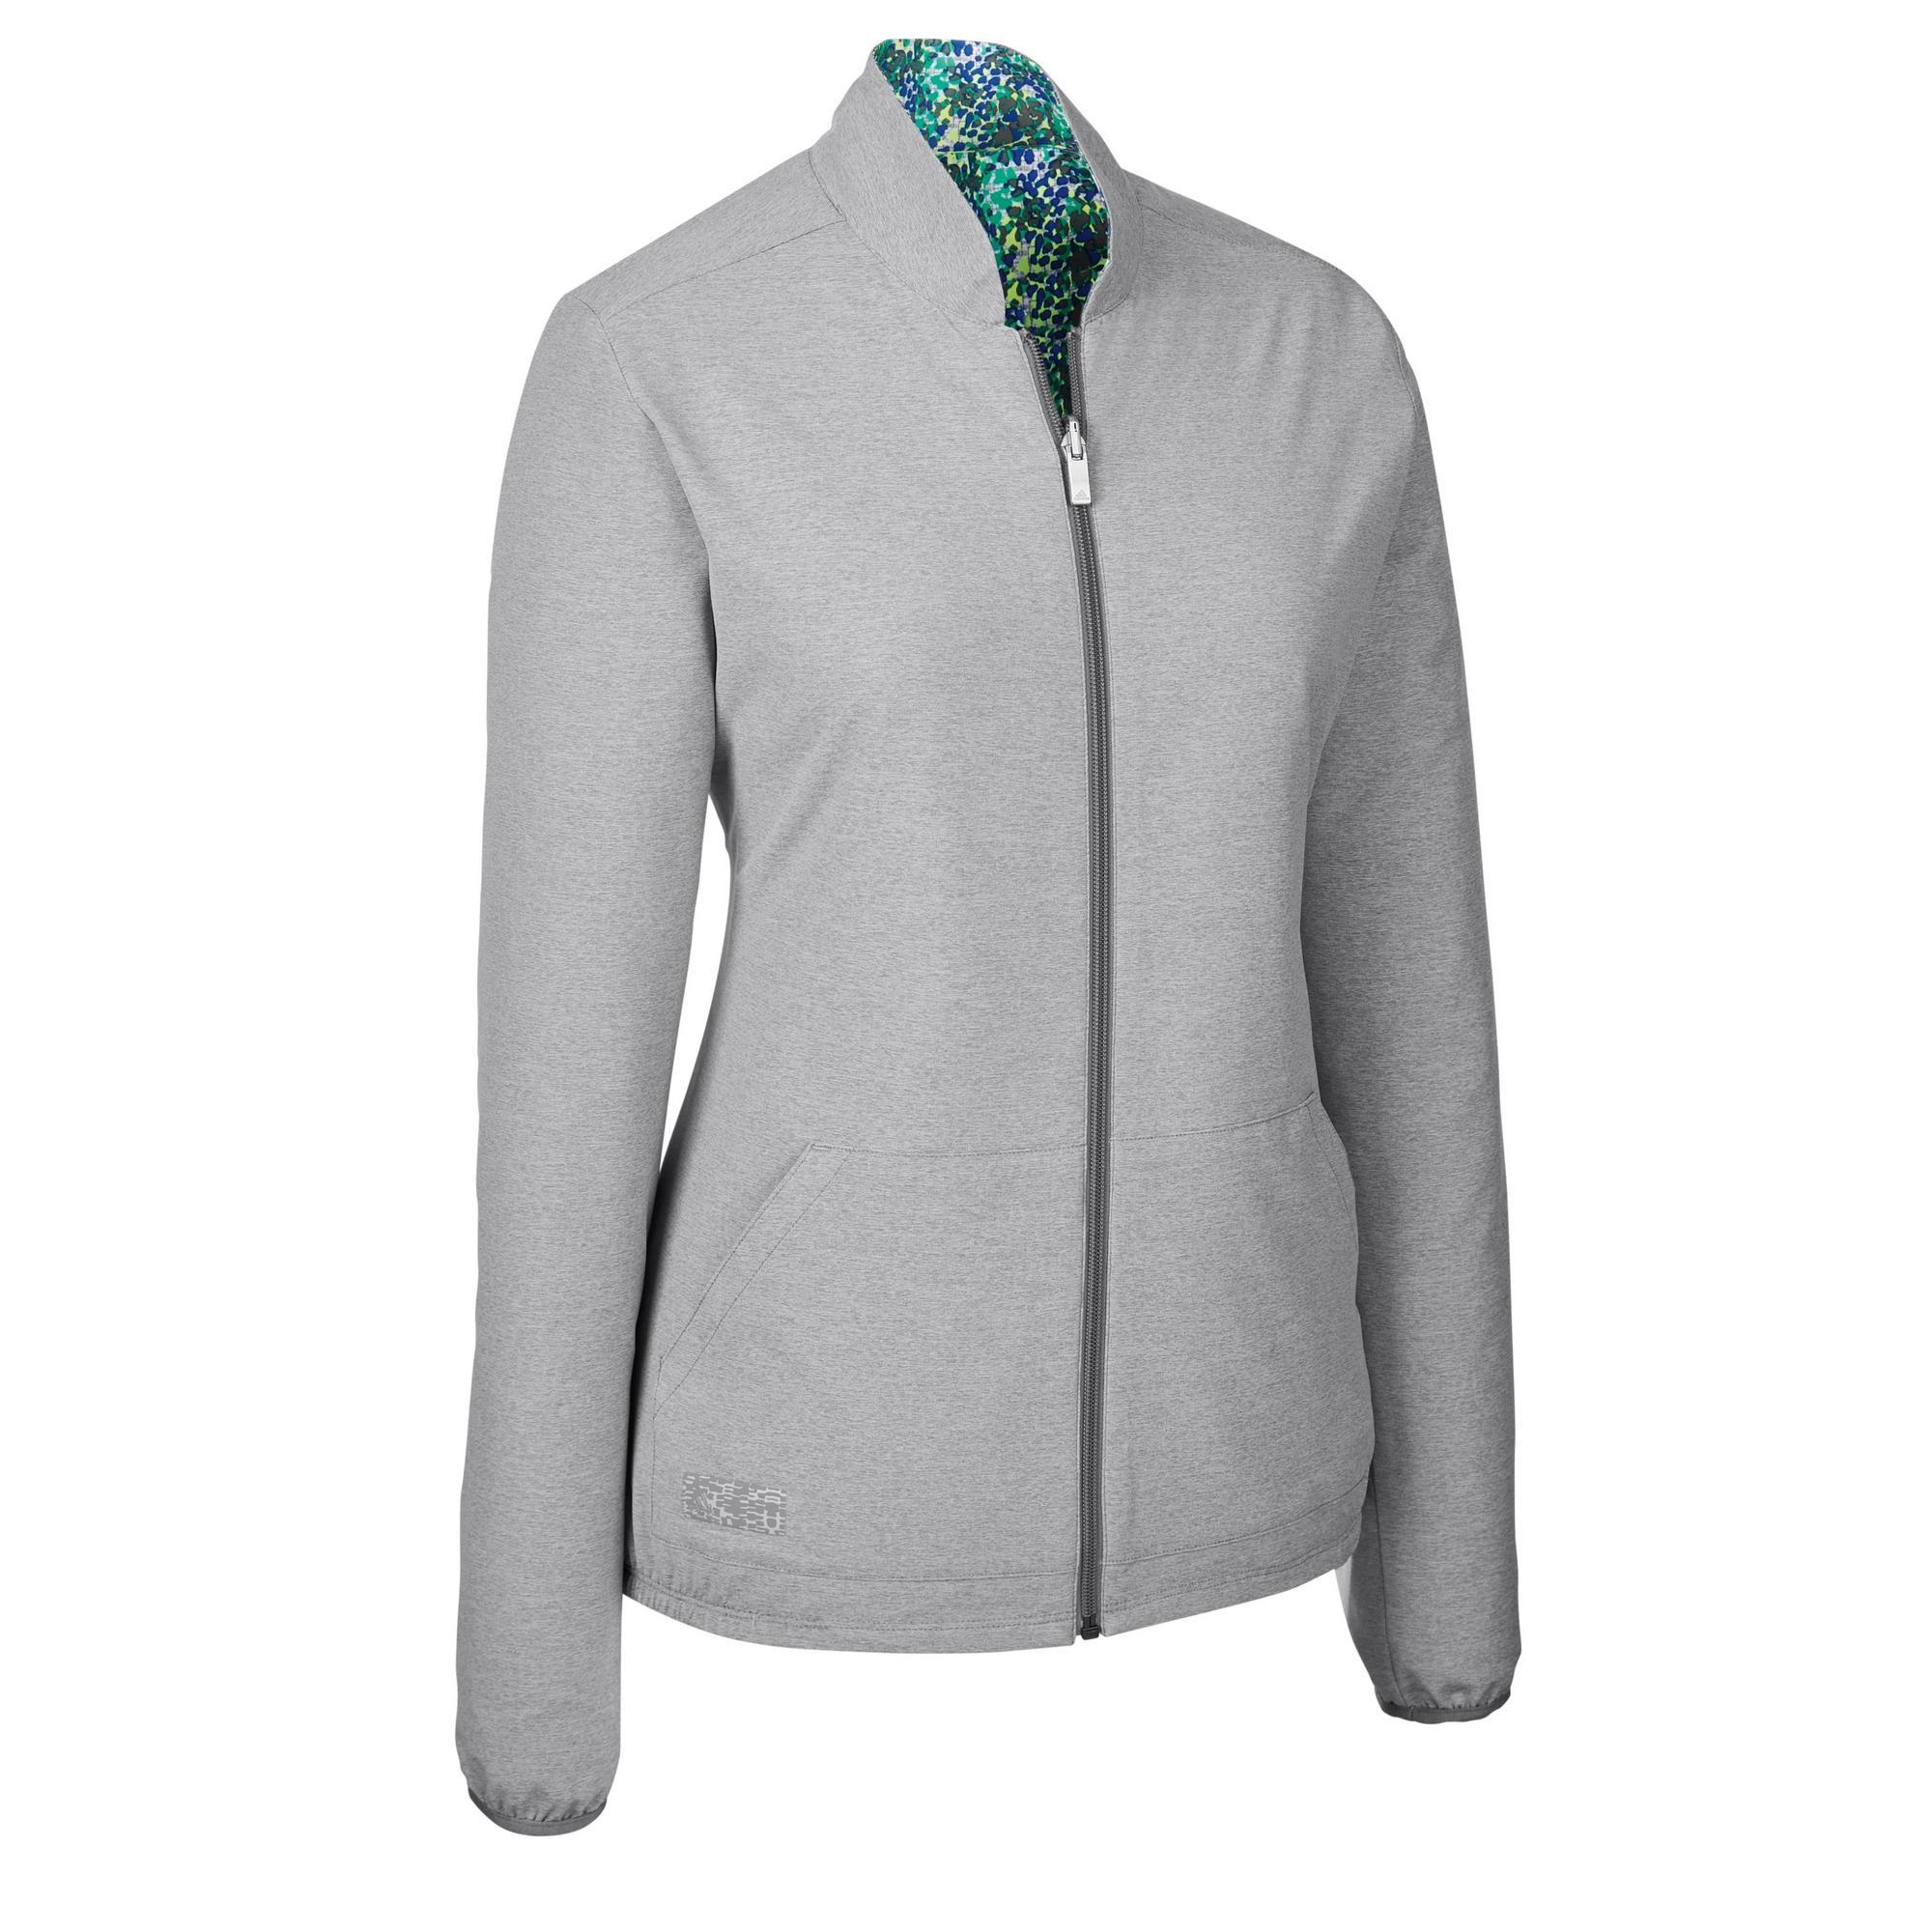 Women's Reversible Full Zip Jacket